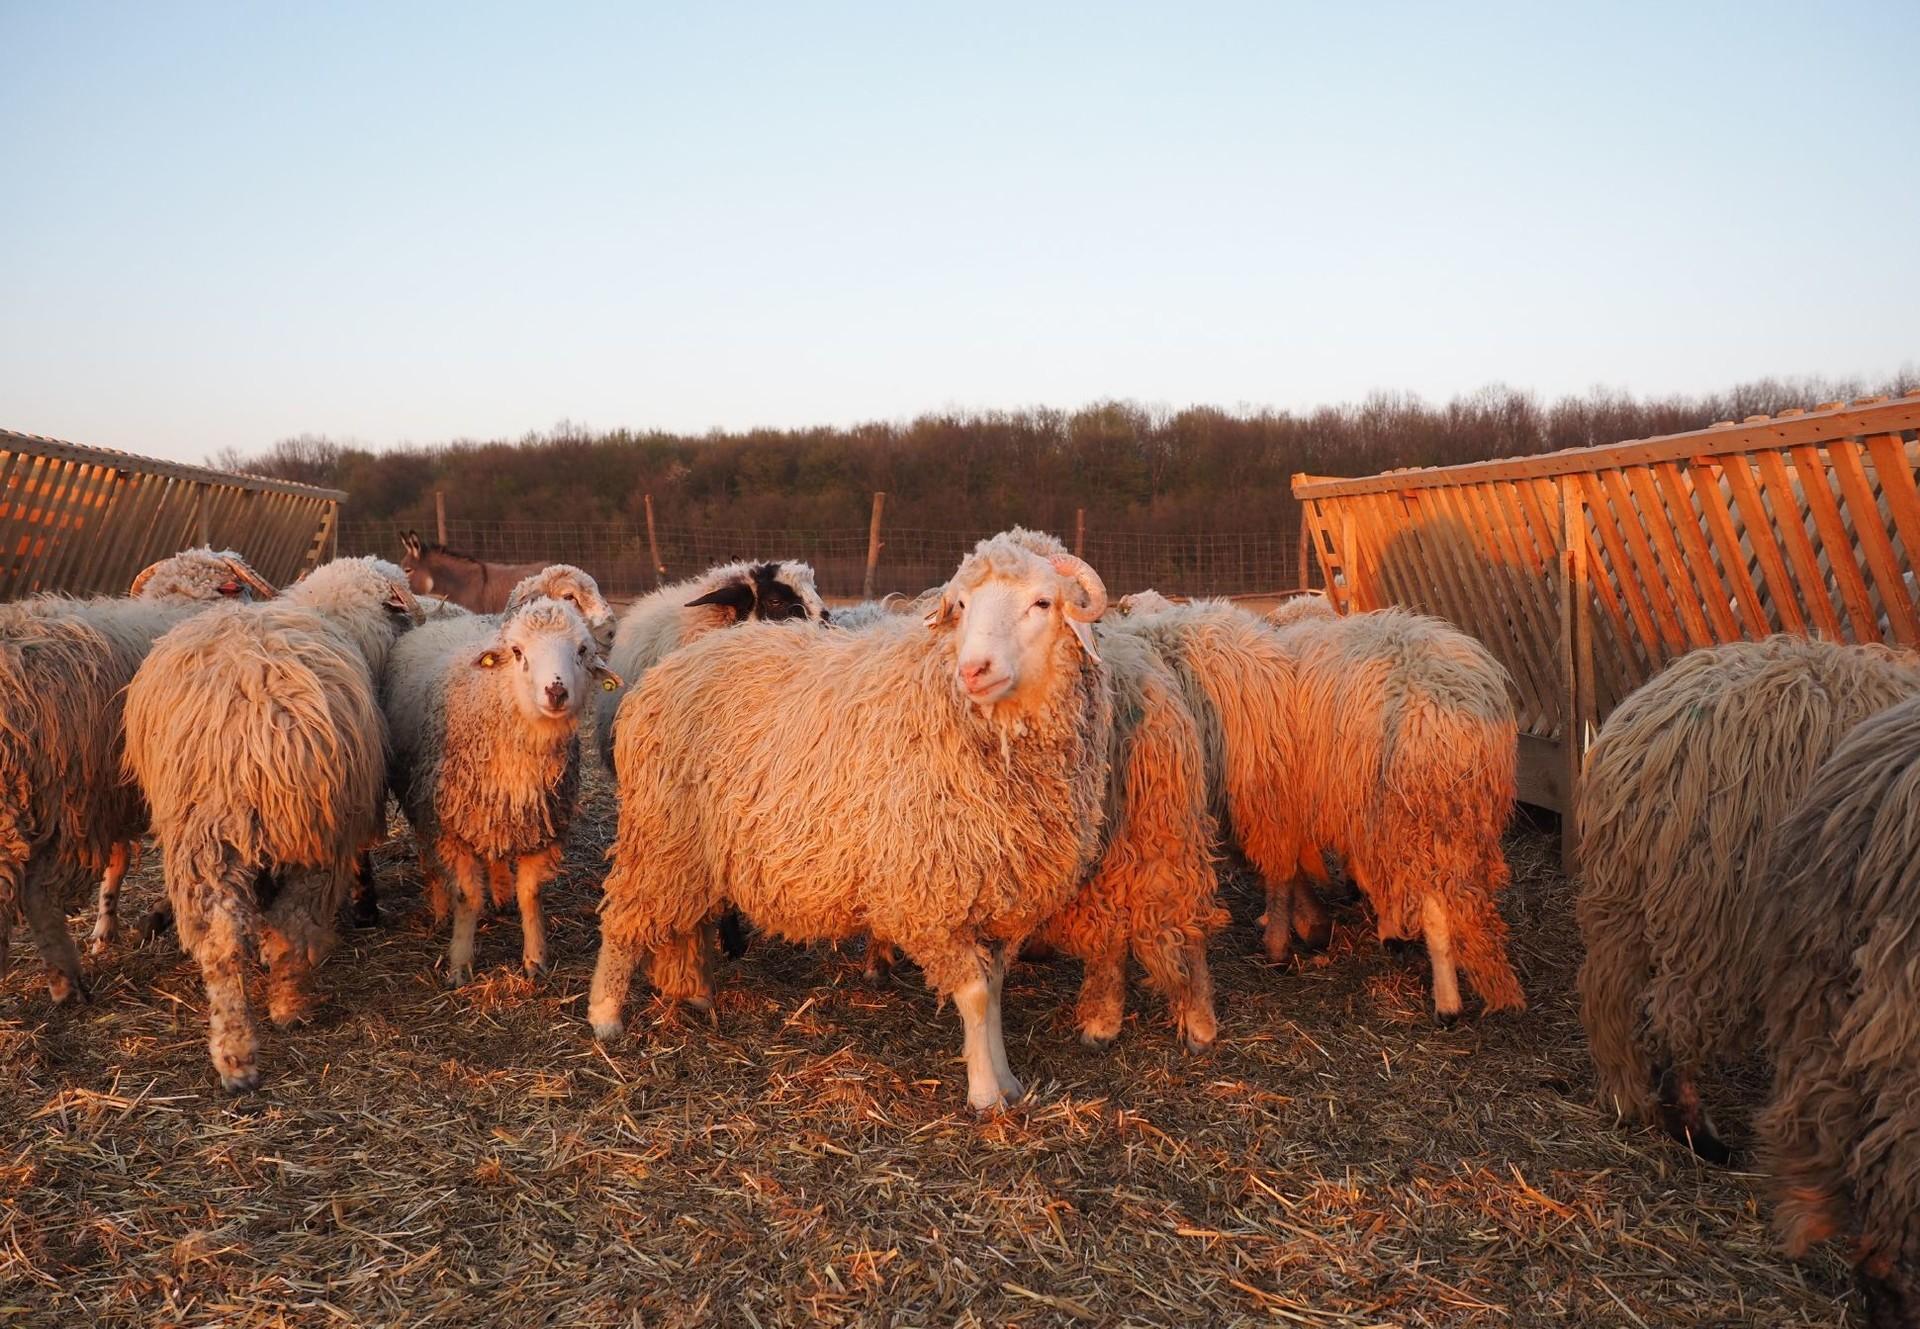 Die geretteten Schafe auf dem Hof in der Nähe von Bukarest